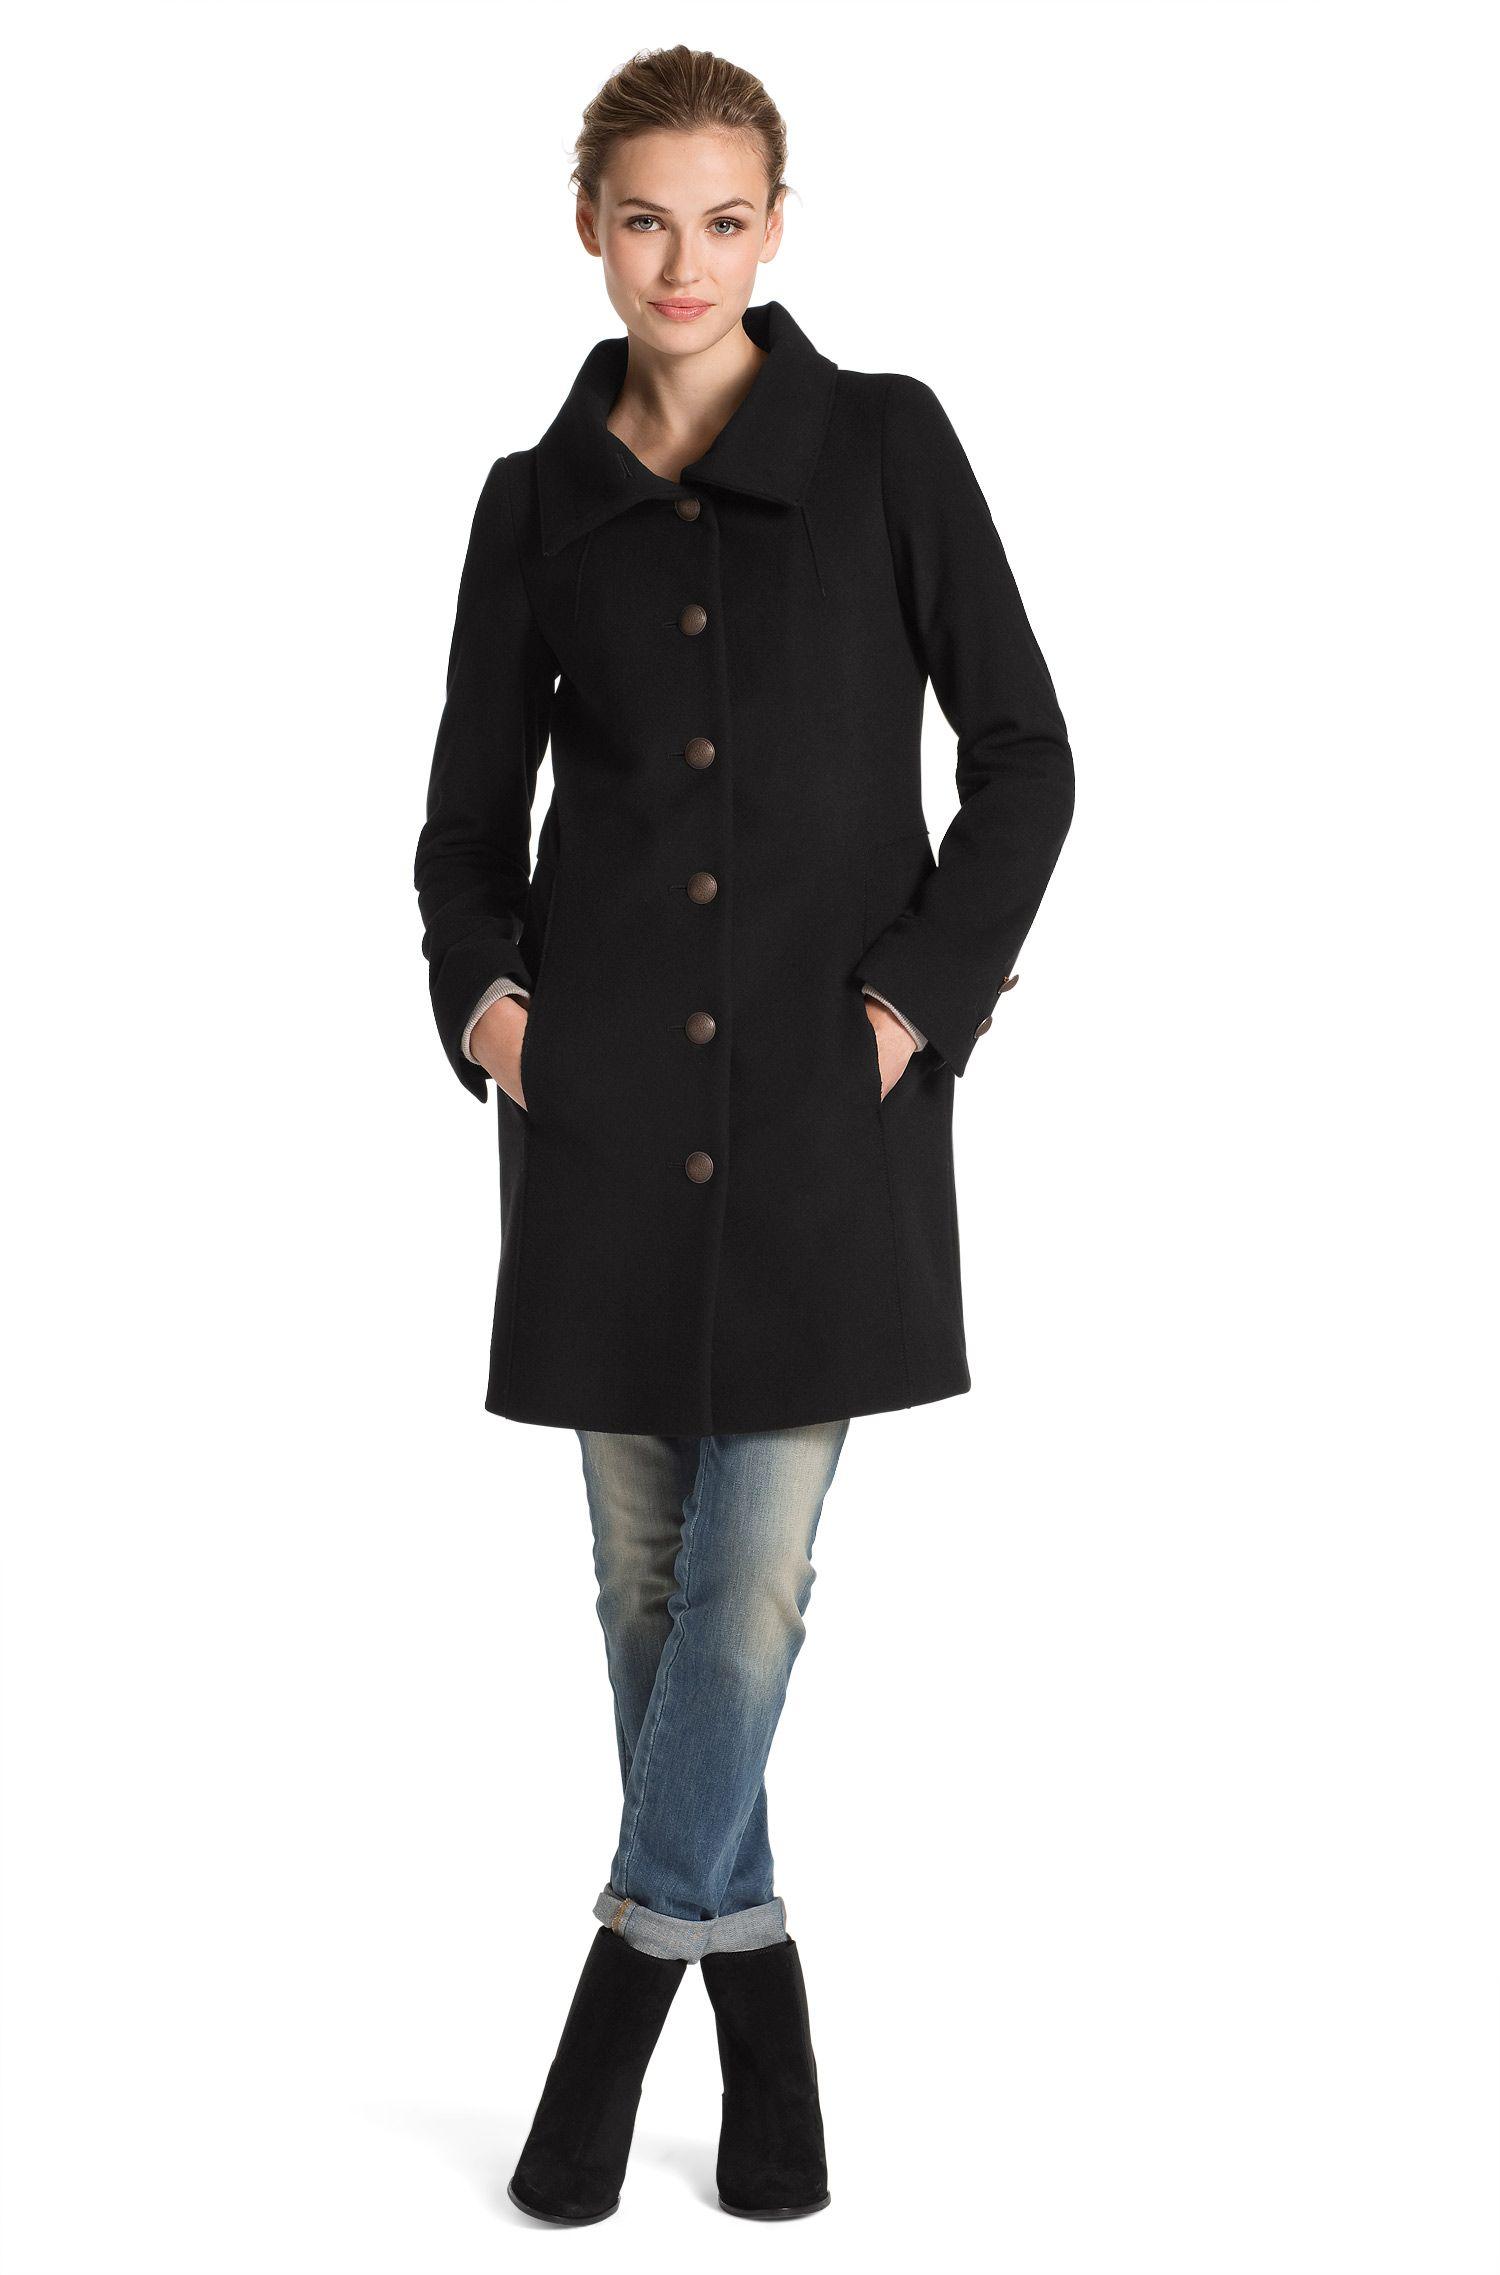 Manteau en laine mélangée, Okirana